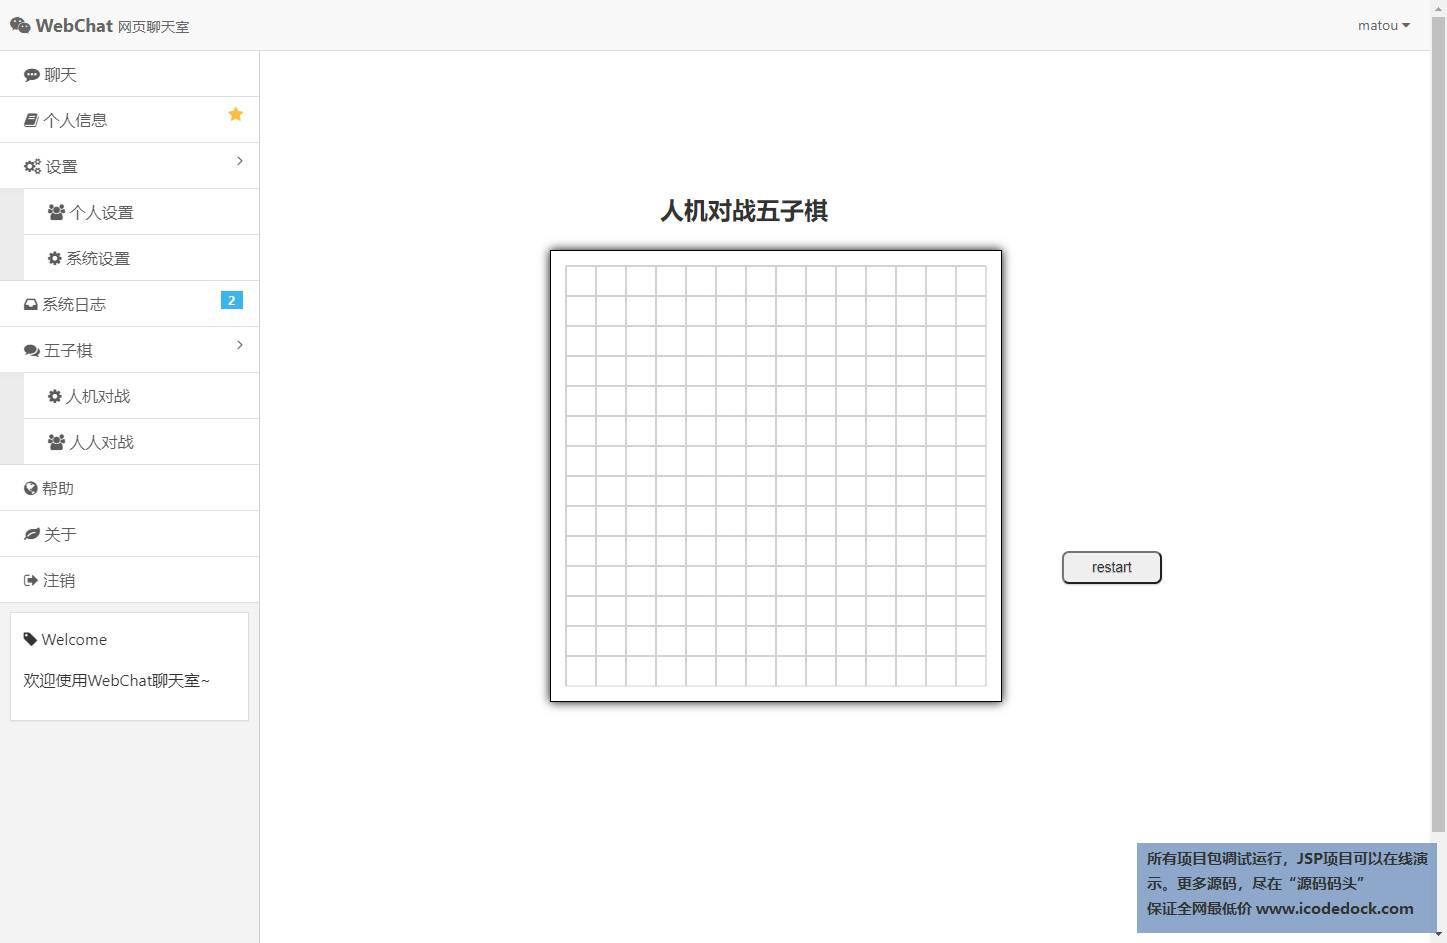 源码码头-SSM网页版聊天室平台含五子棋小游戏版-用户1角色-人机对战五子棋